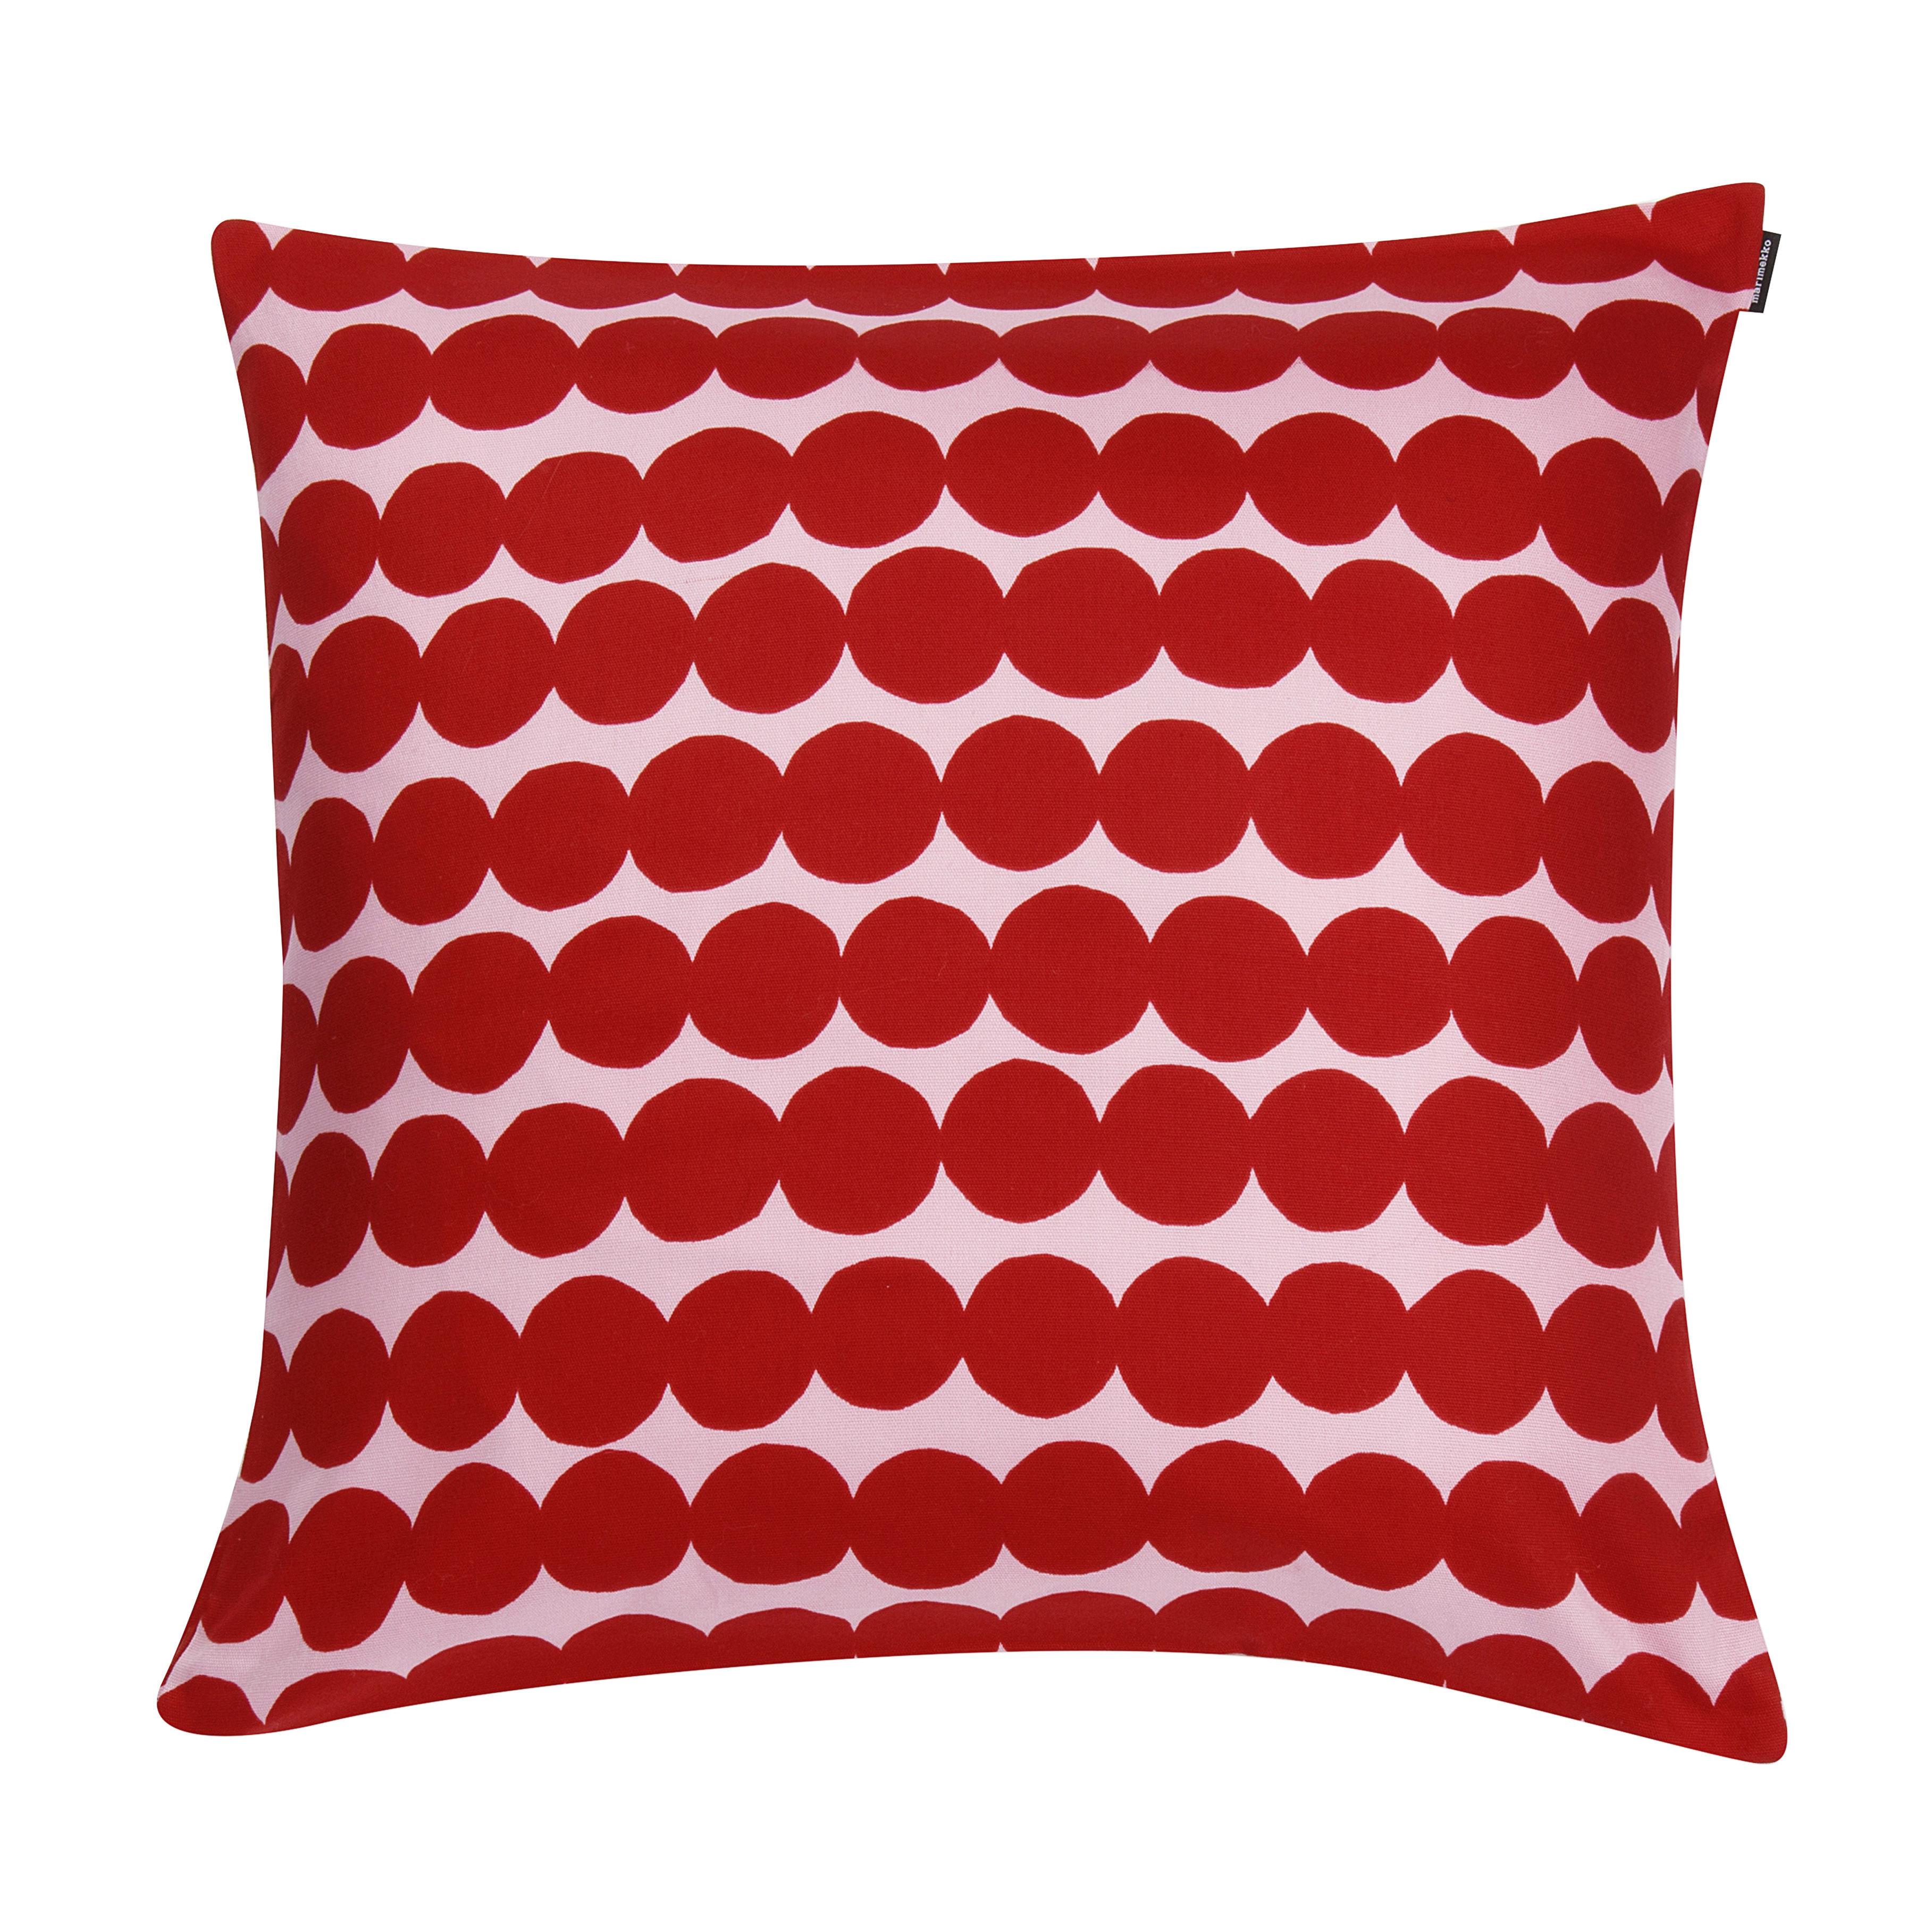 Déco - Coussins - Housse de coussin Räsymatto / 50 x 50 cm - Marimekko - Räsymatto / Rose & rouge - Coton